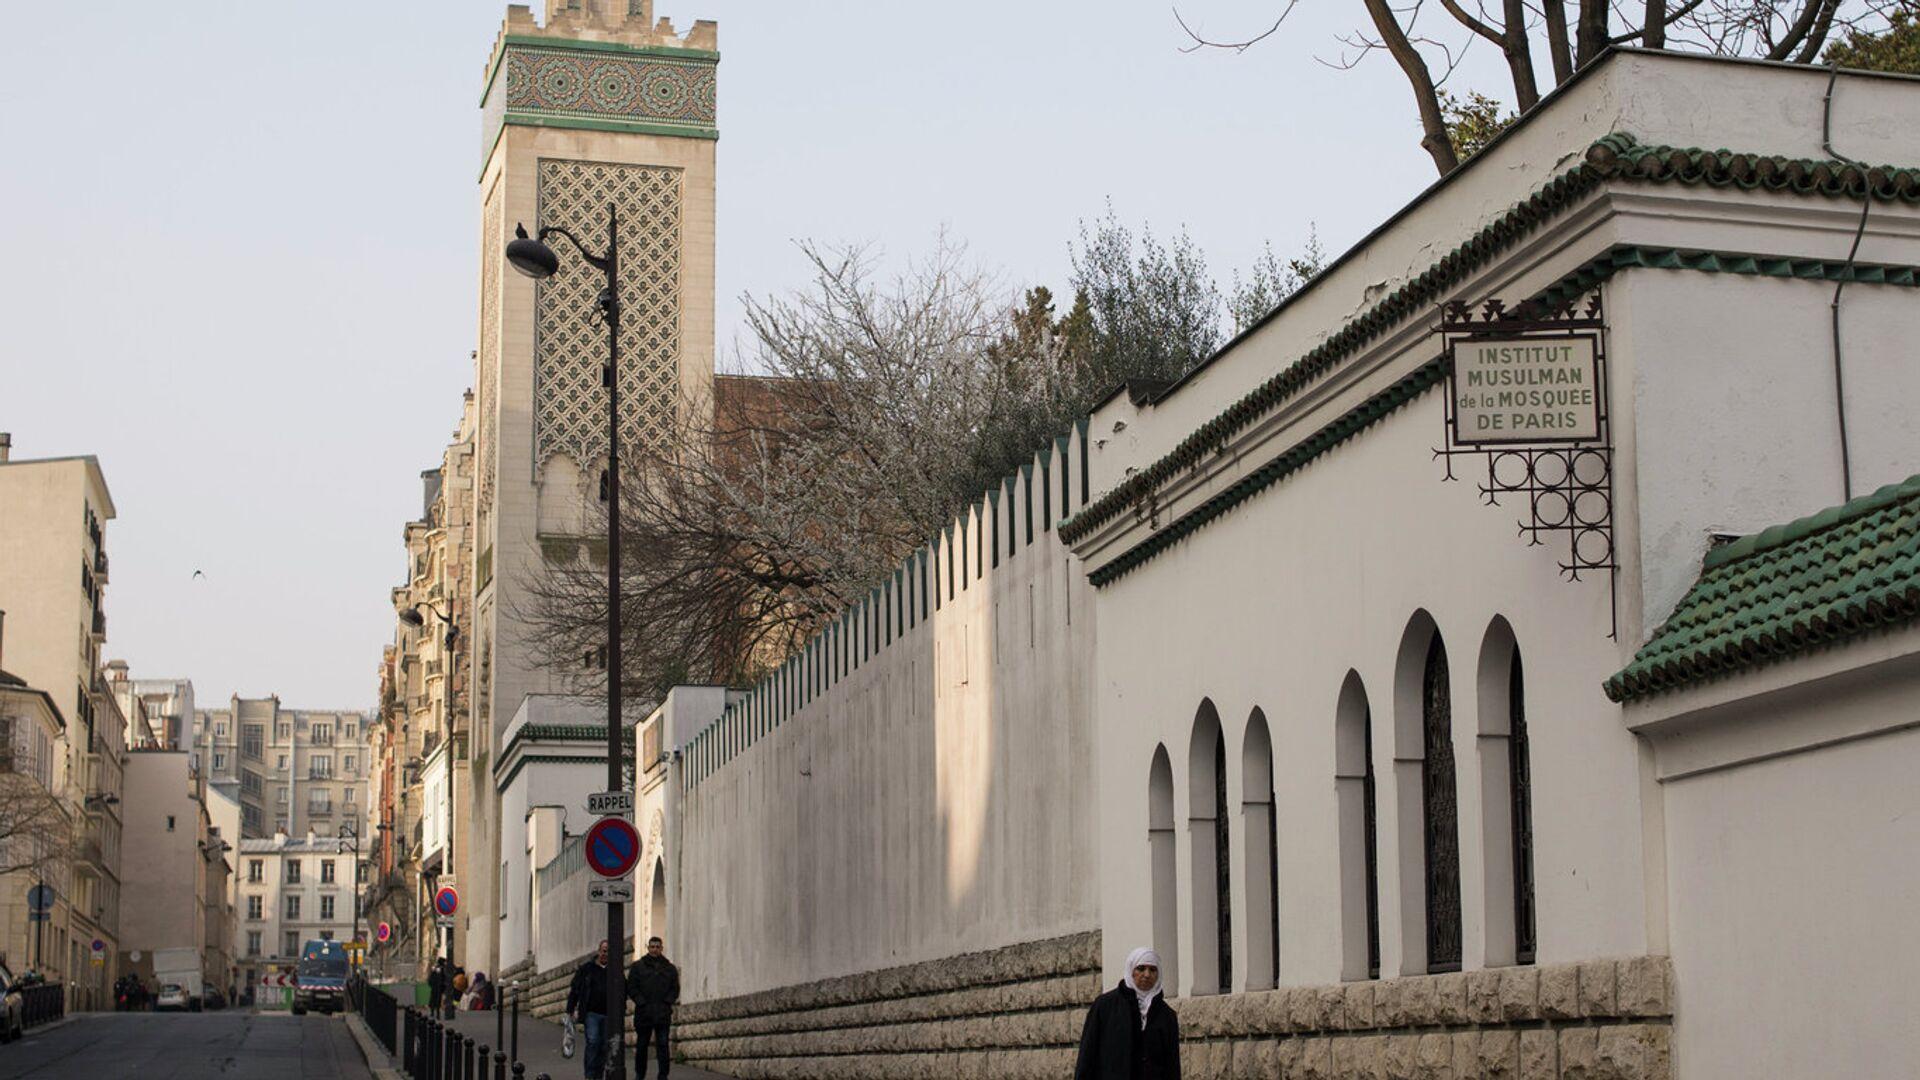 Великая мечеть в Париже - РИА Новости, 1920, 30.10.2020